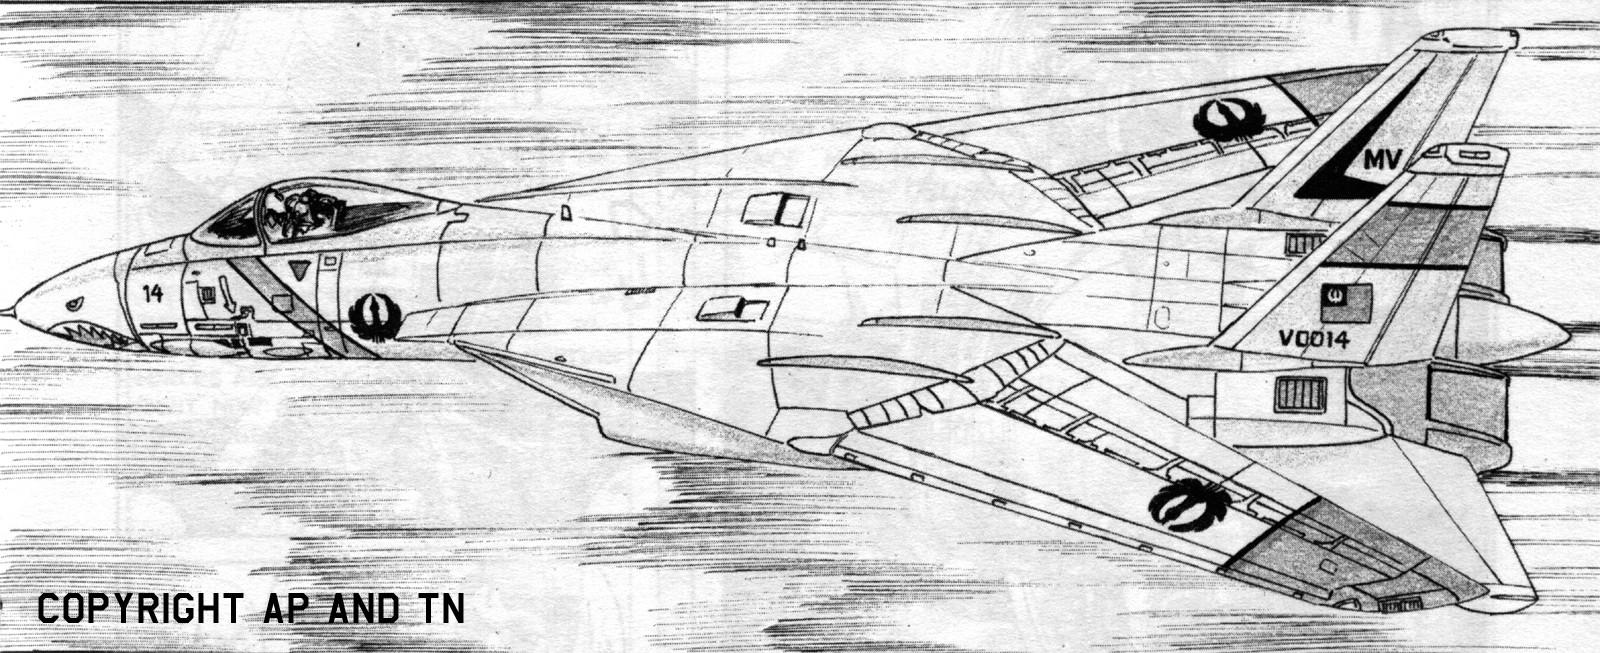 F-14.jpg